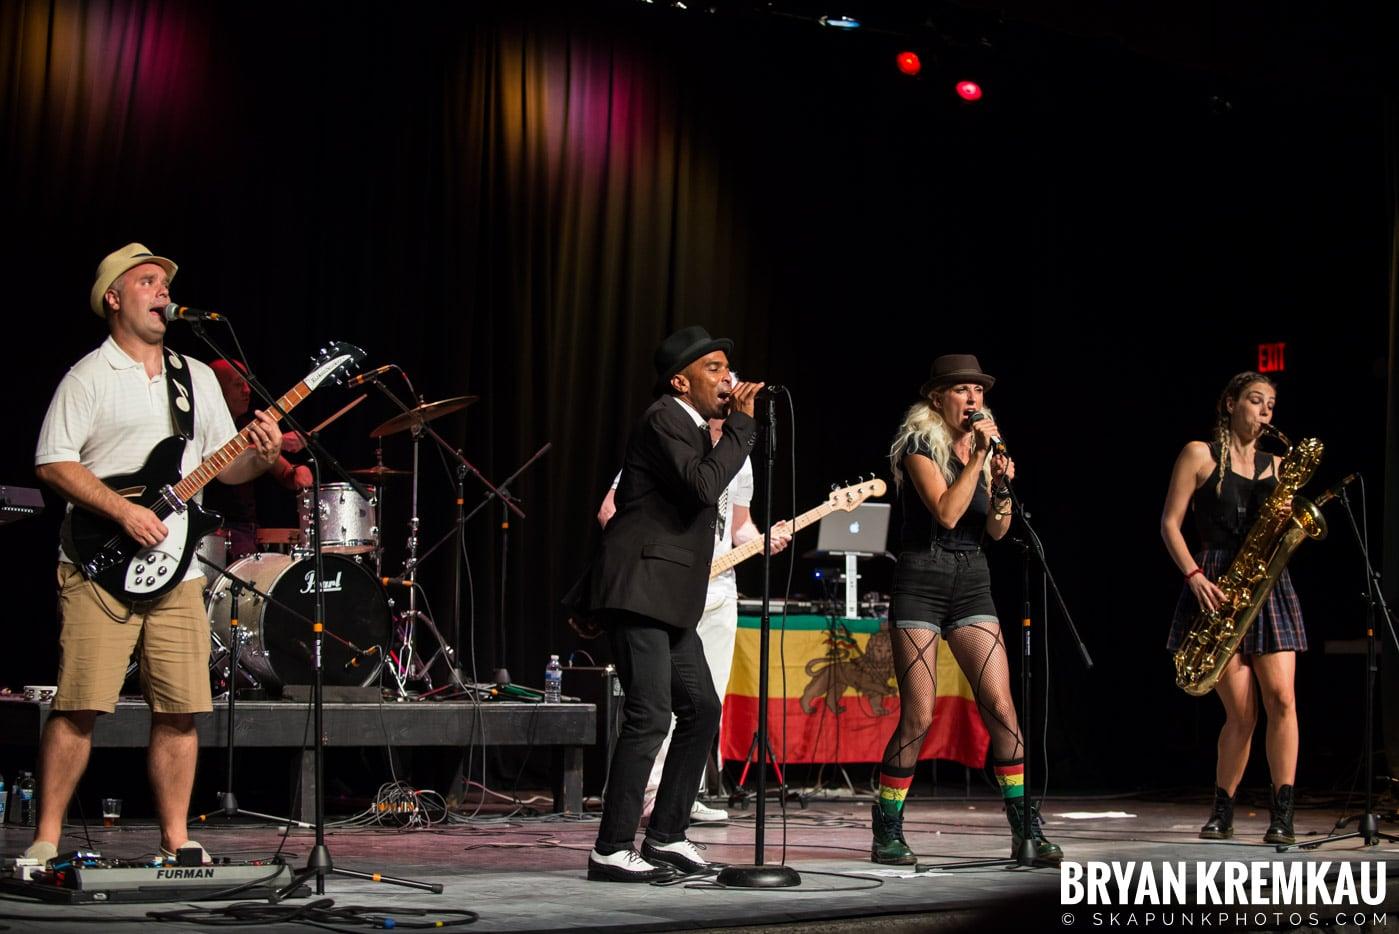 Rude Boy George @ Oskar Schindler Performing Arts Center, West Orange, NJ - 8.19.17 (42)